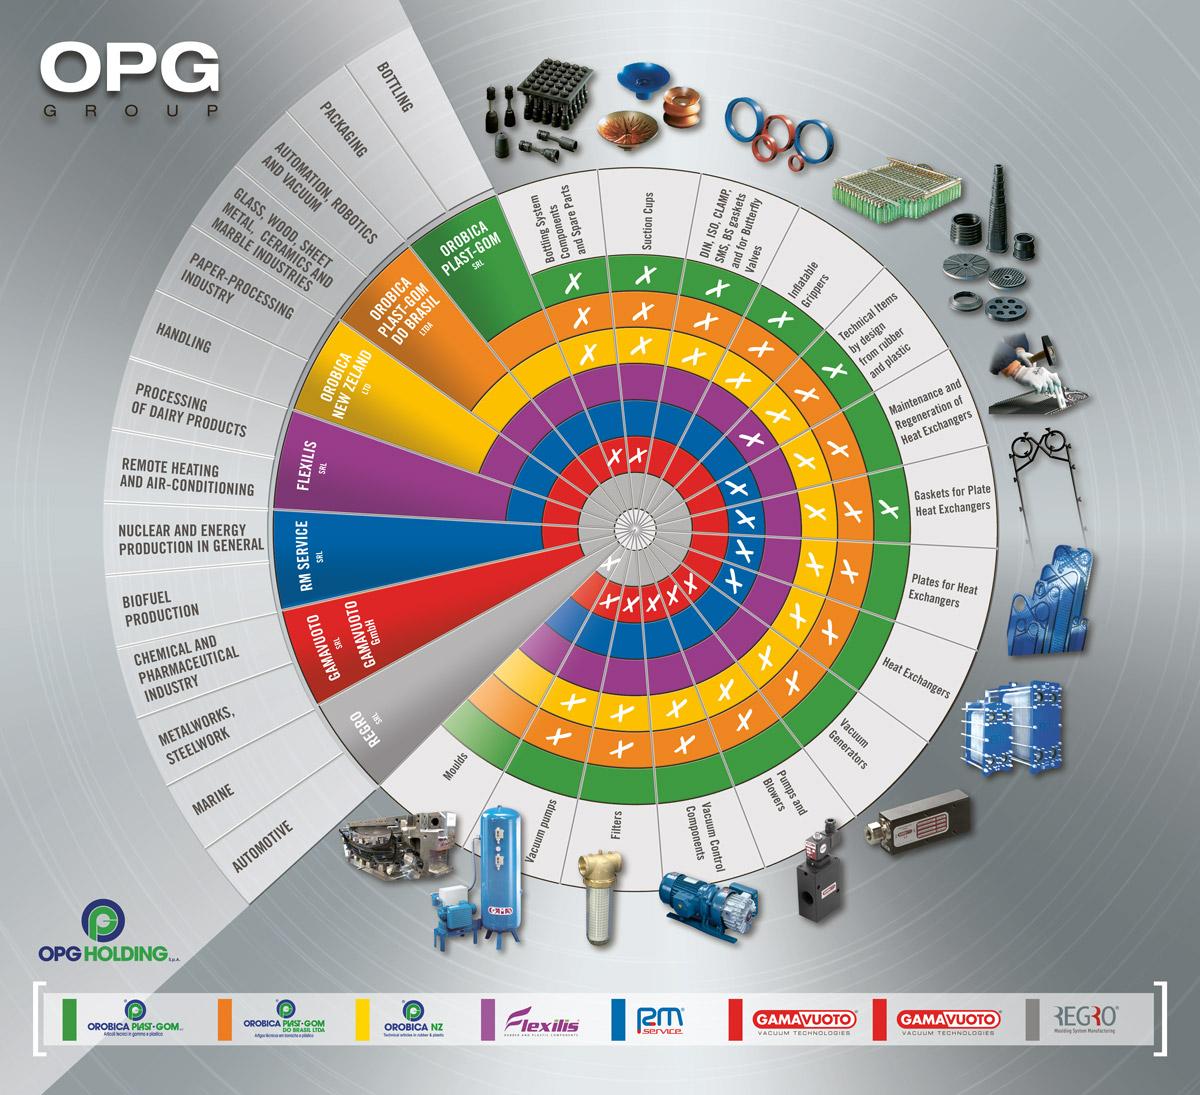 OPG Group